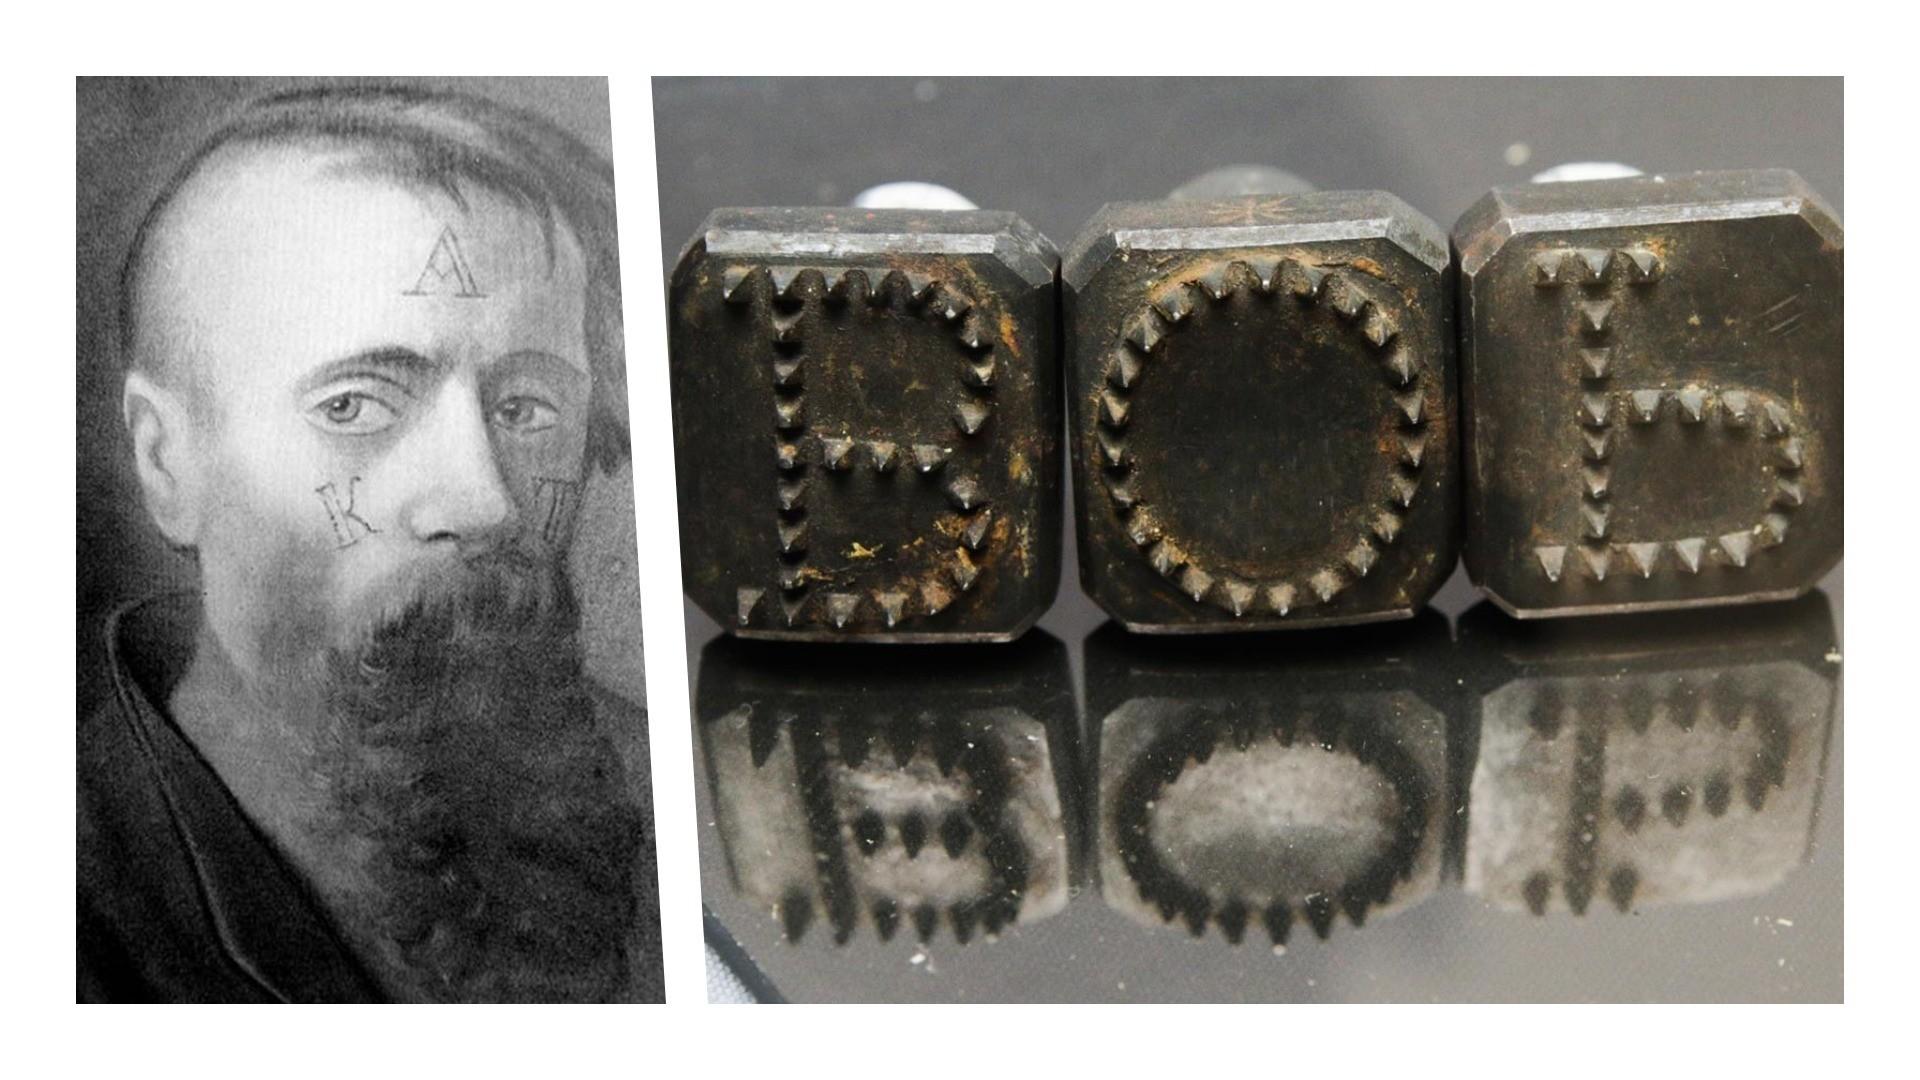 Marcação no rosto de condenado e ferramenta usada para fazê-la. Início do século 19.